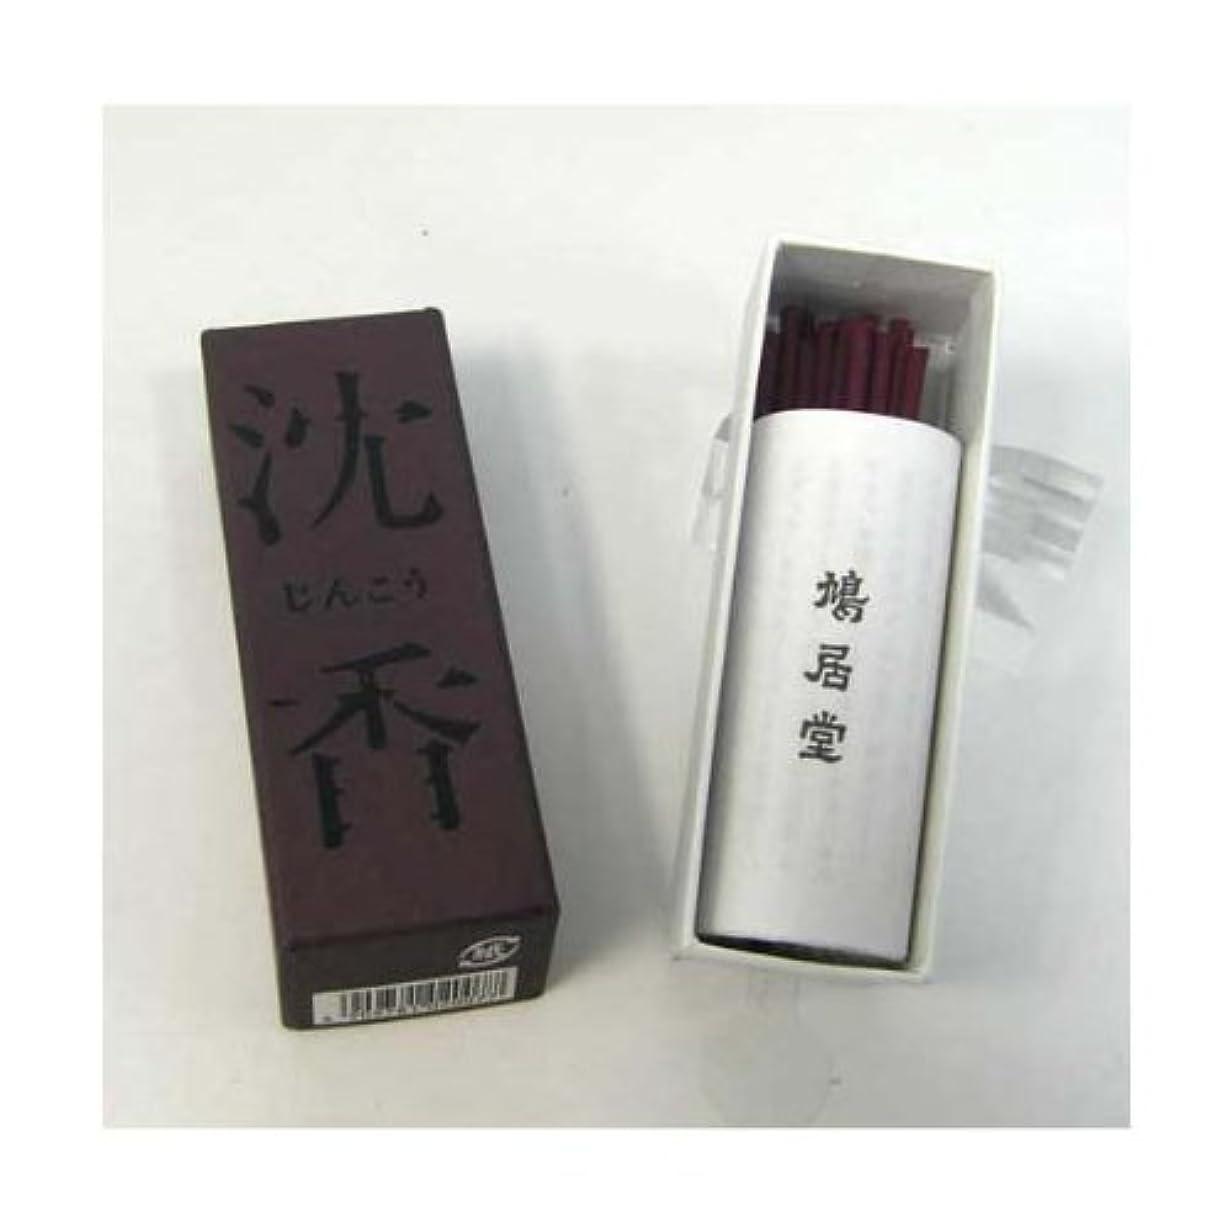 そんなに傾向口述鳩居堂 お香 沈香 香木の香りシリーズ スティックタイプ(棒状香)20本いり